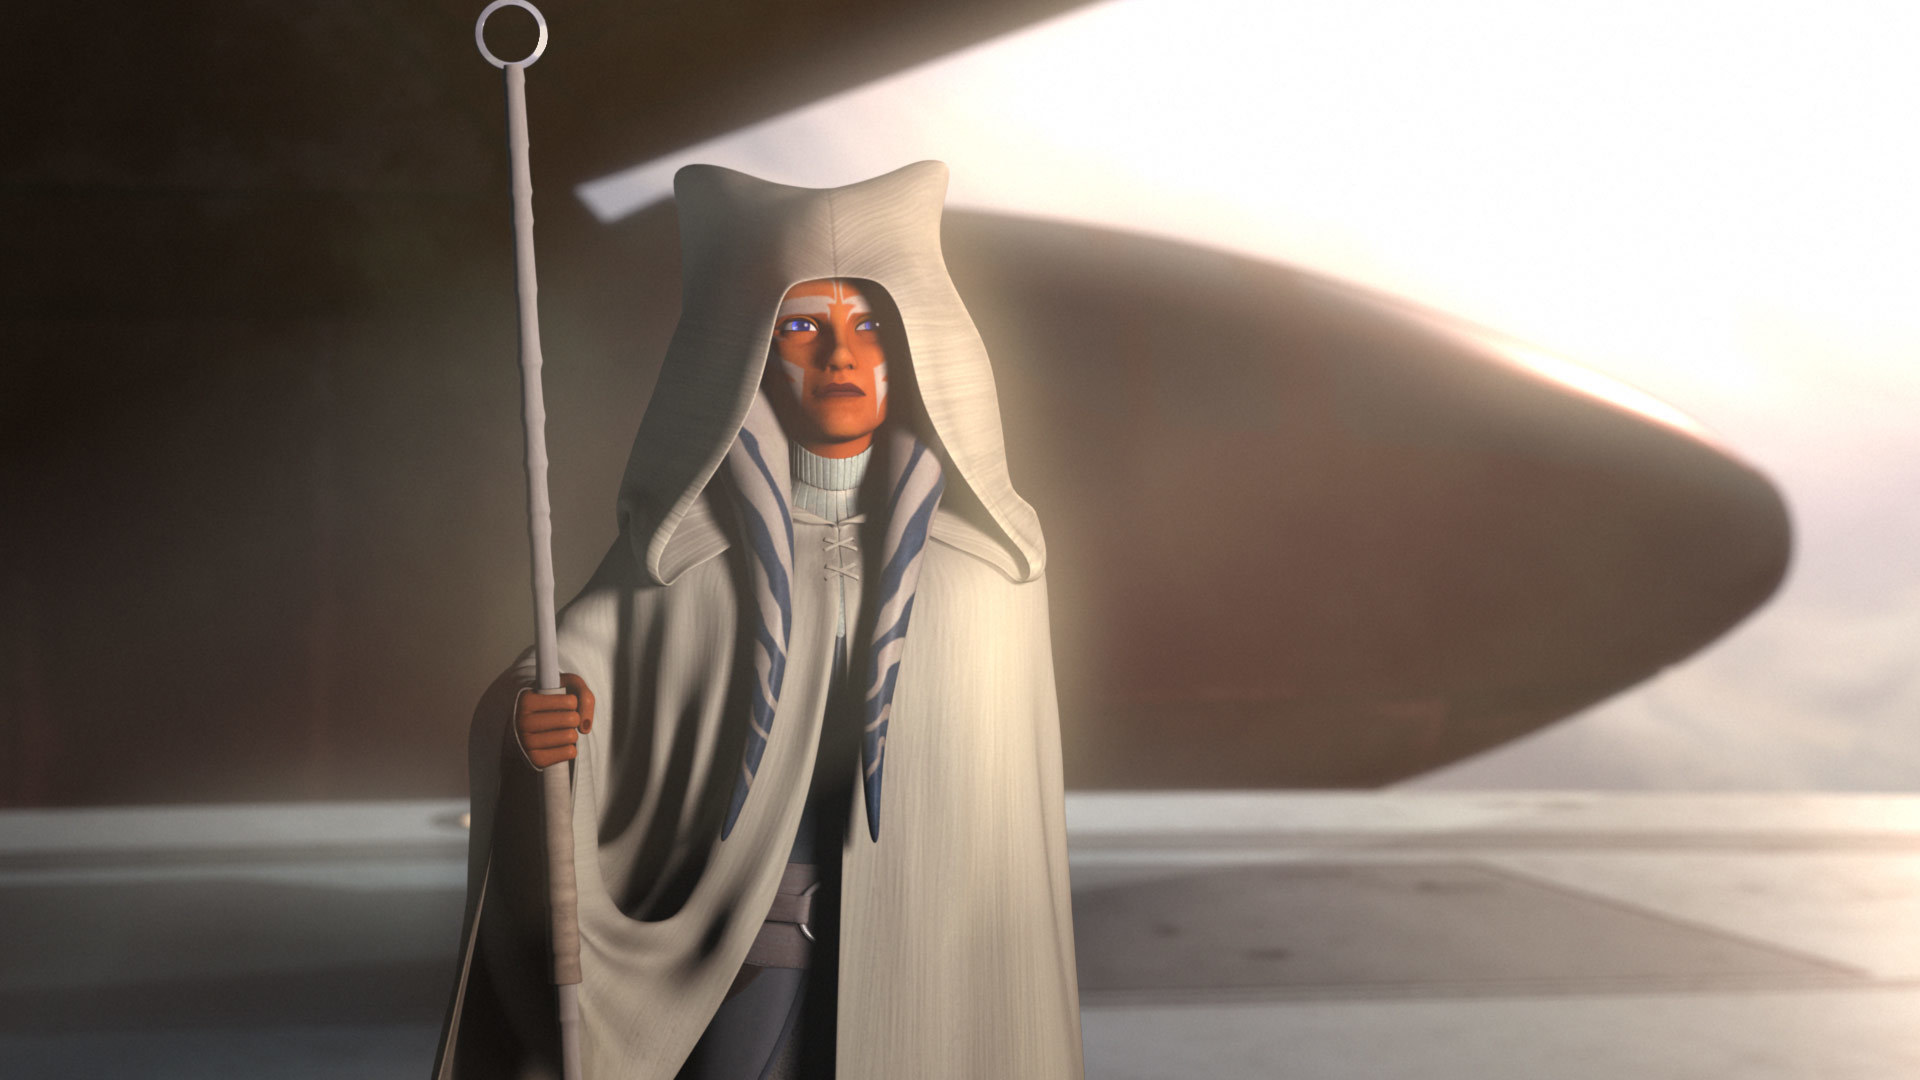 ahsoka-tano-return-star-wars-rebels-fina